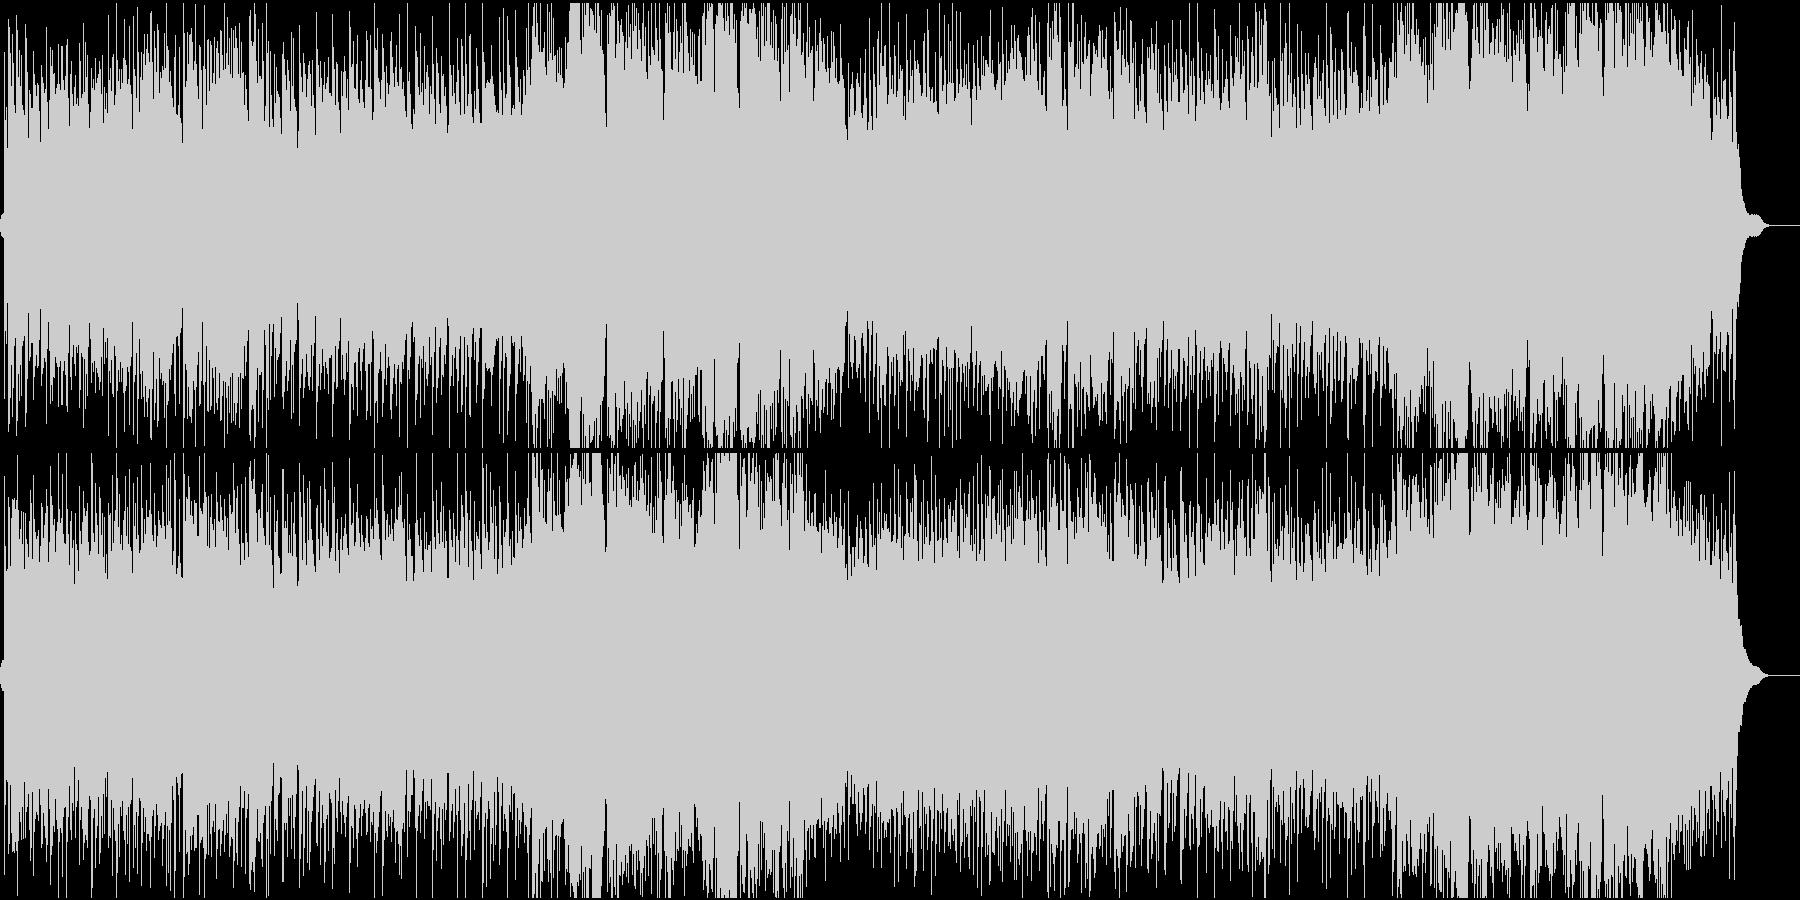 夜の高速のイメージの幻想曲の未再生の波形